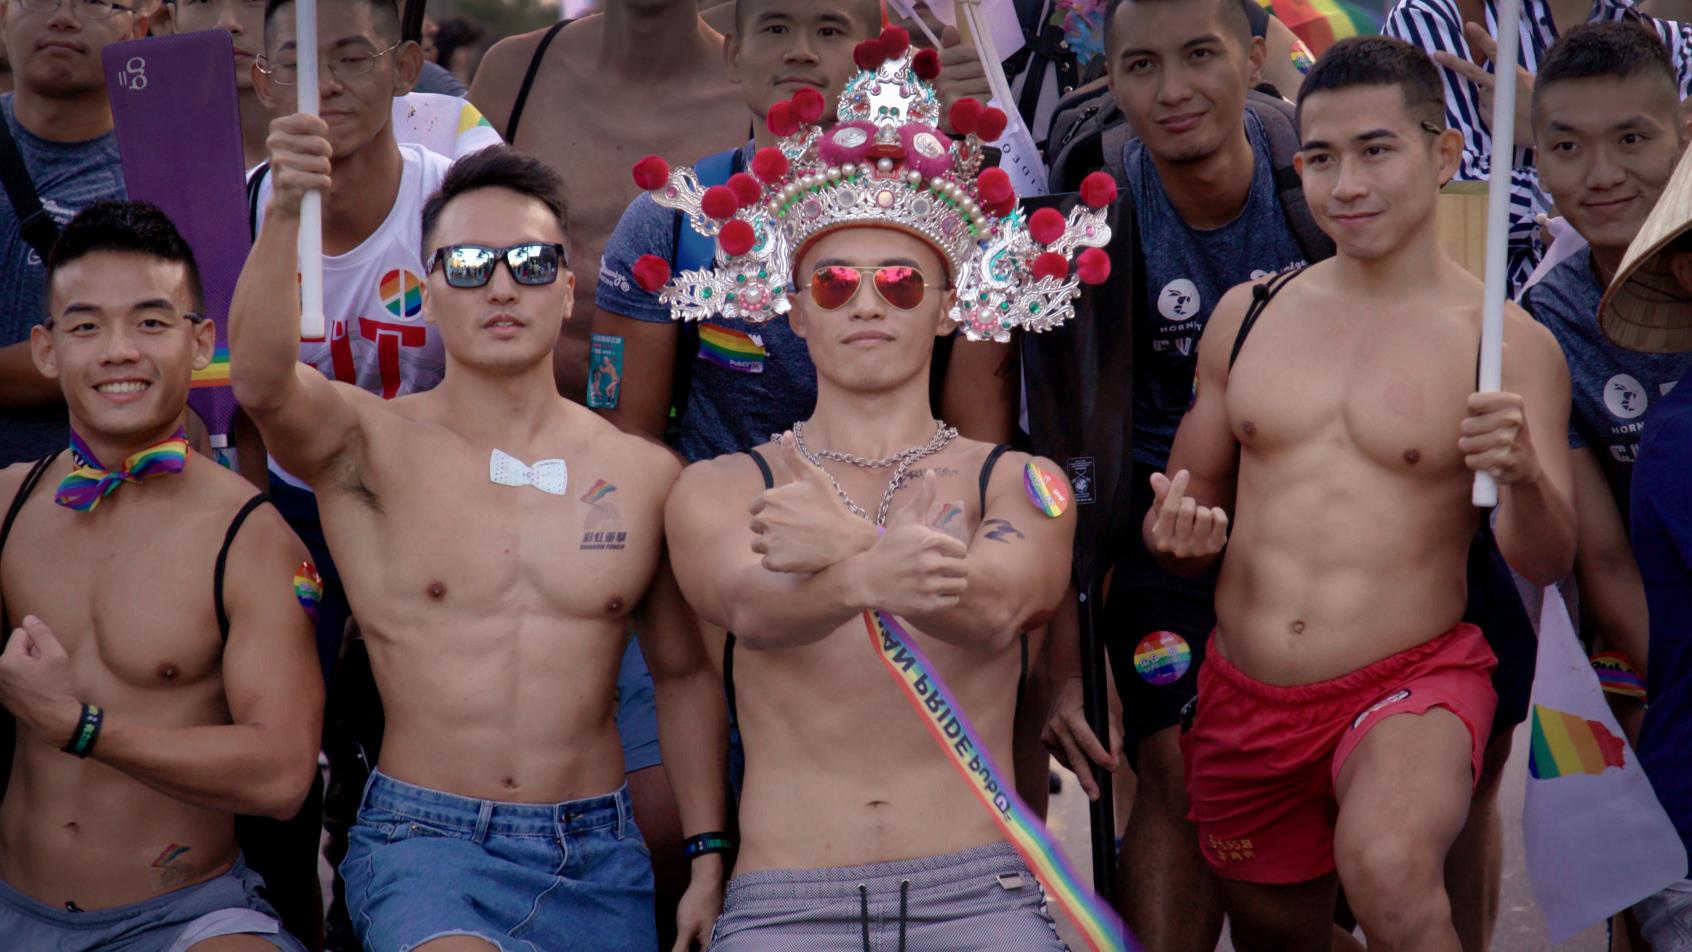 Taiwan gay sexe vidéo gros butin Ebony filles porno